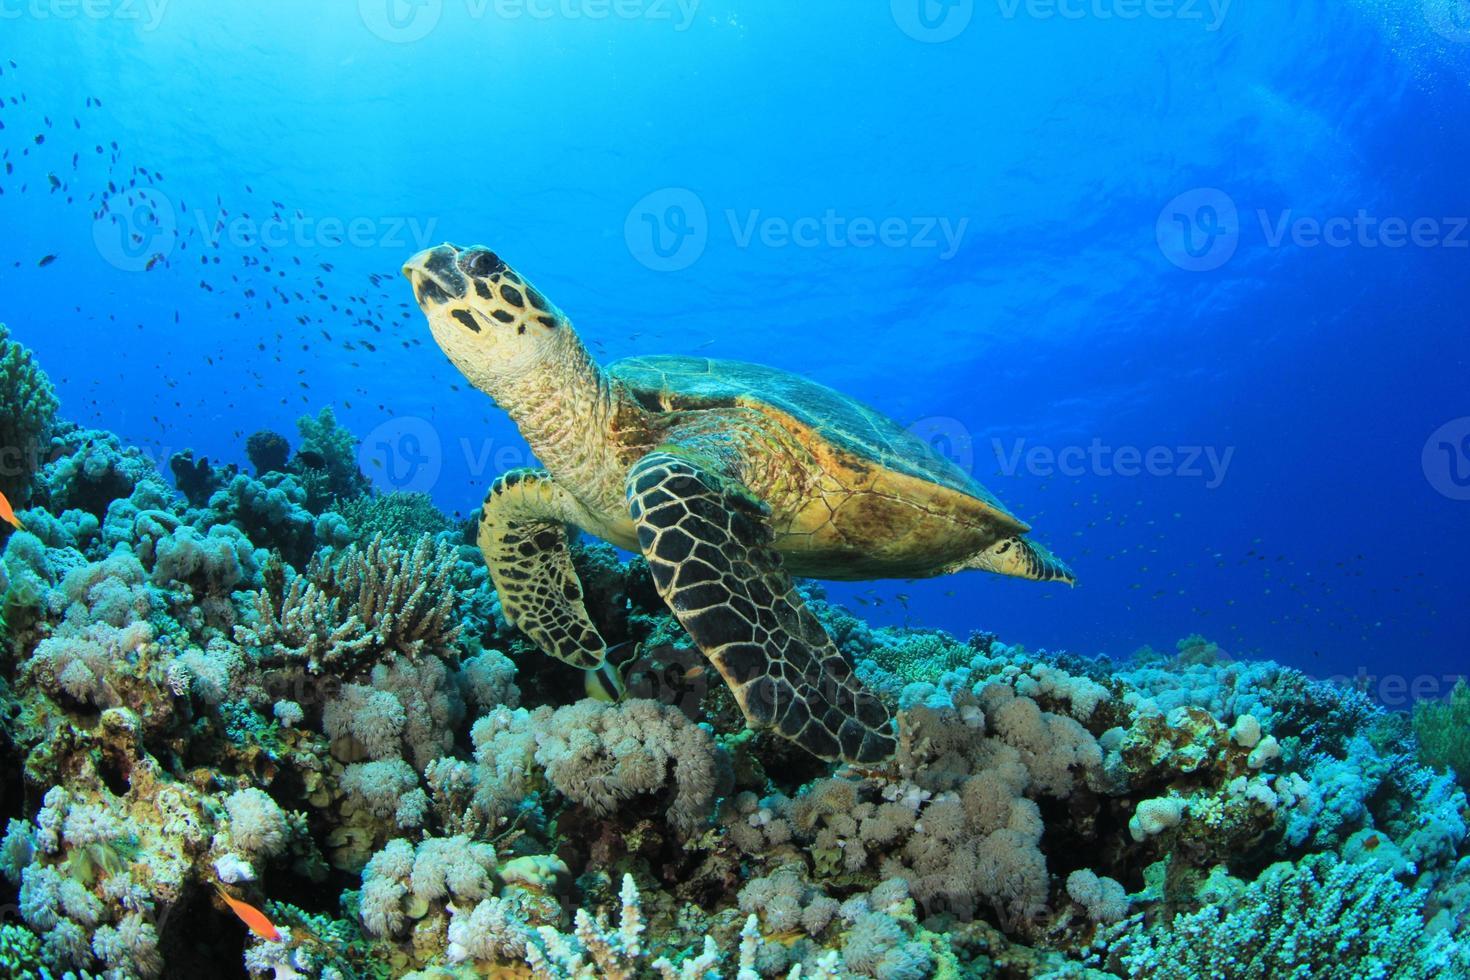 tartaruga marinha nadando perto de recifes de corais foto